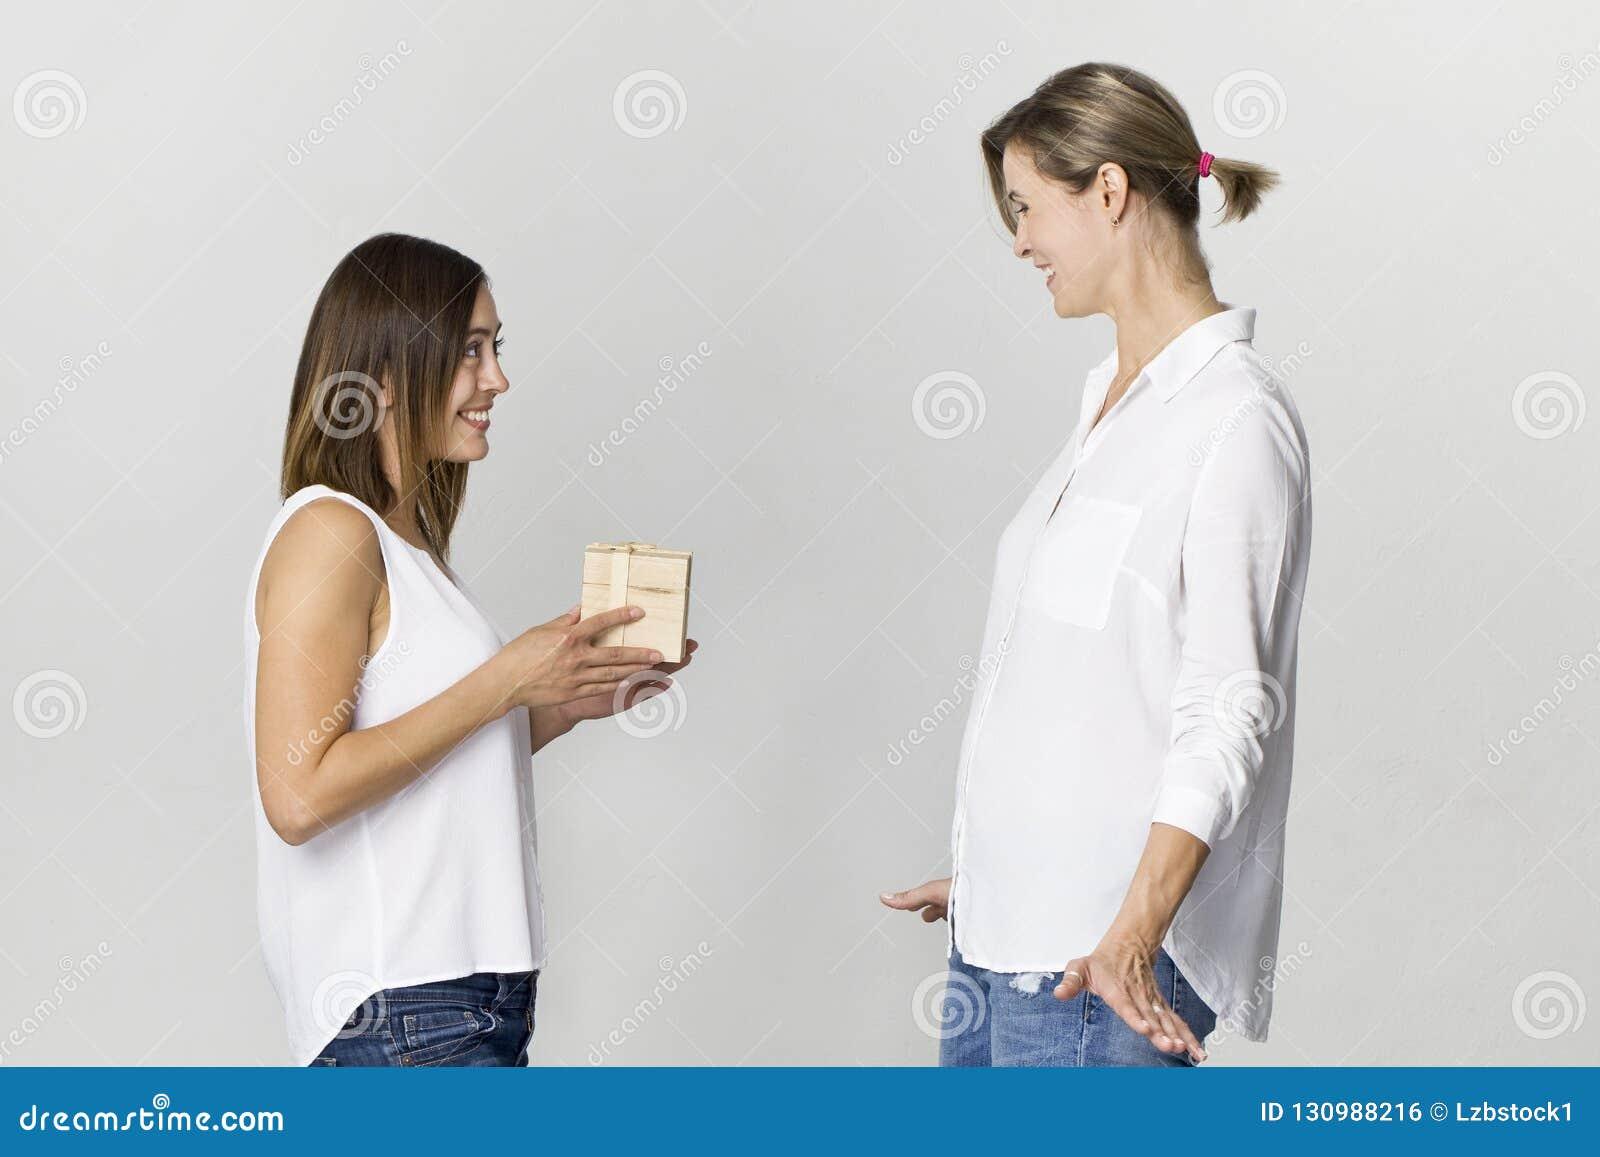 Zdziwiona młoda kobieta dostaje prezent od jej przyjaciela Szczęśliwi i uśmiechnięci żeńscy przyjaciele